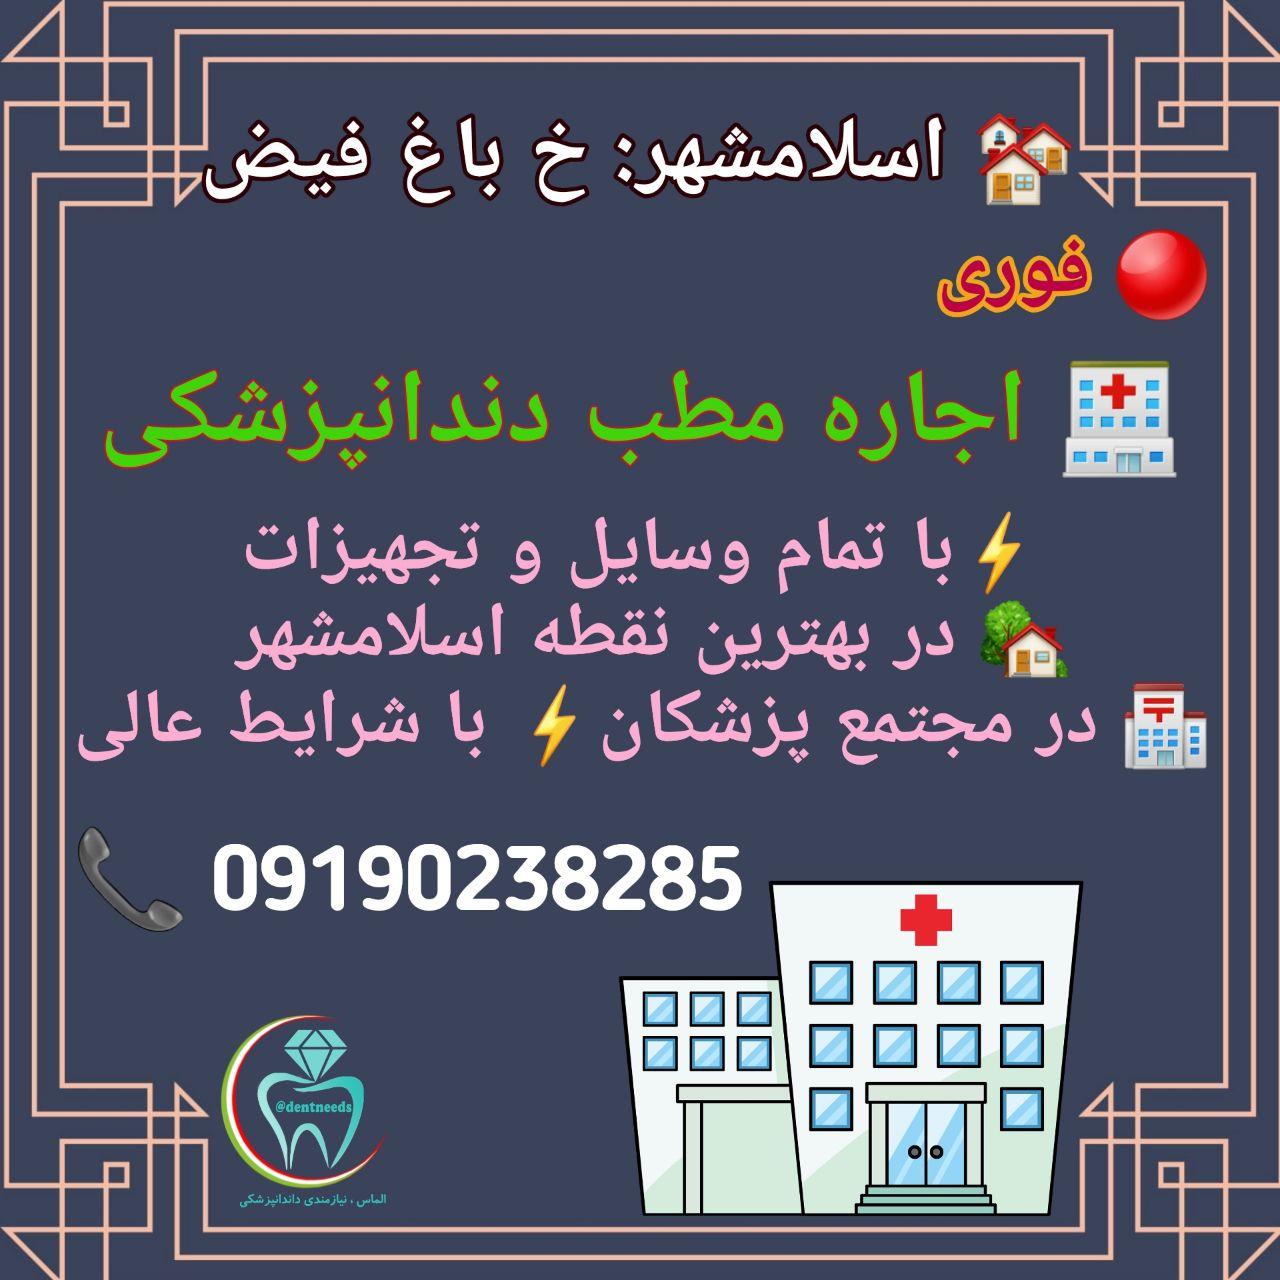 اسلامشهر: خ باغ فیض، اجاره مطب دندانپزشکی